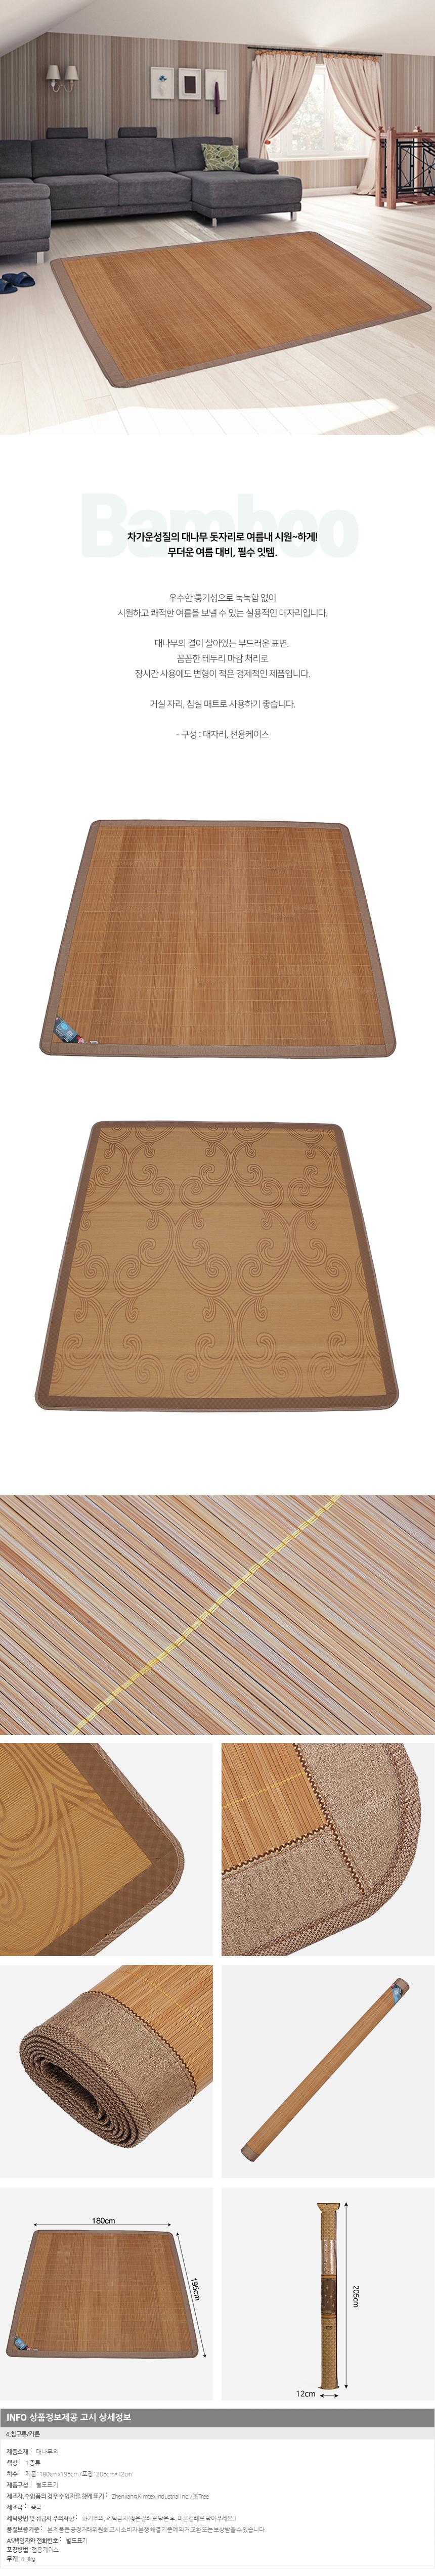 자연마루 거실용 대형 대자리(180x195cm)/대나무 돗자리 여름 자리 - 기프트갓, 65,000원, 여름용매트, 대자리/여름자리